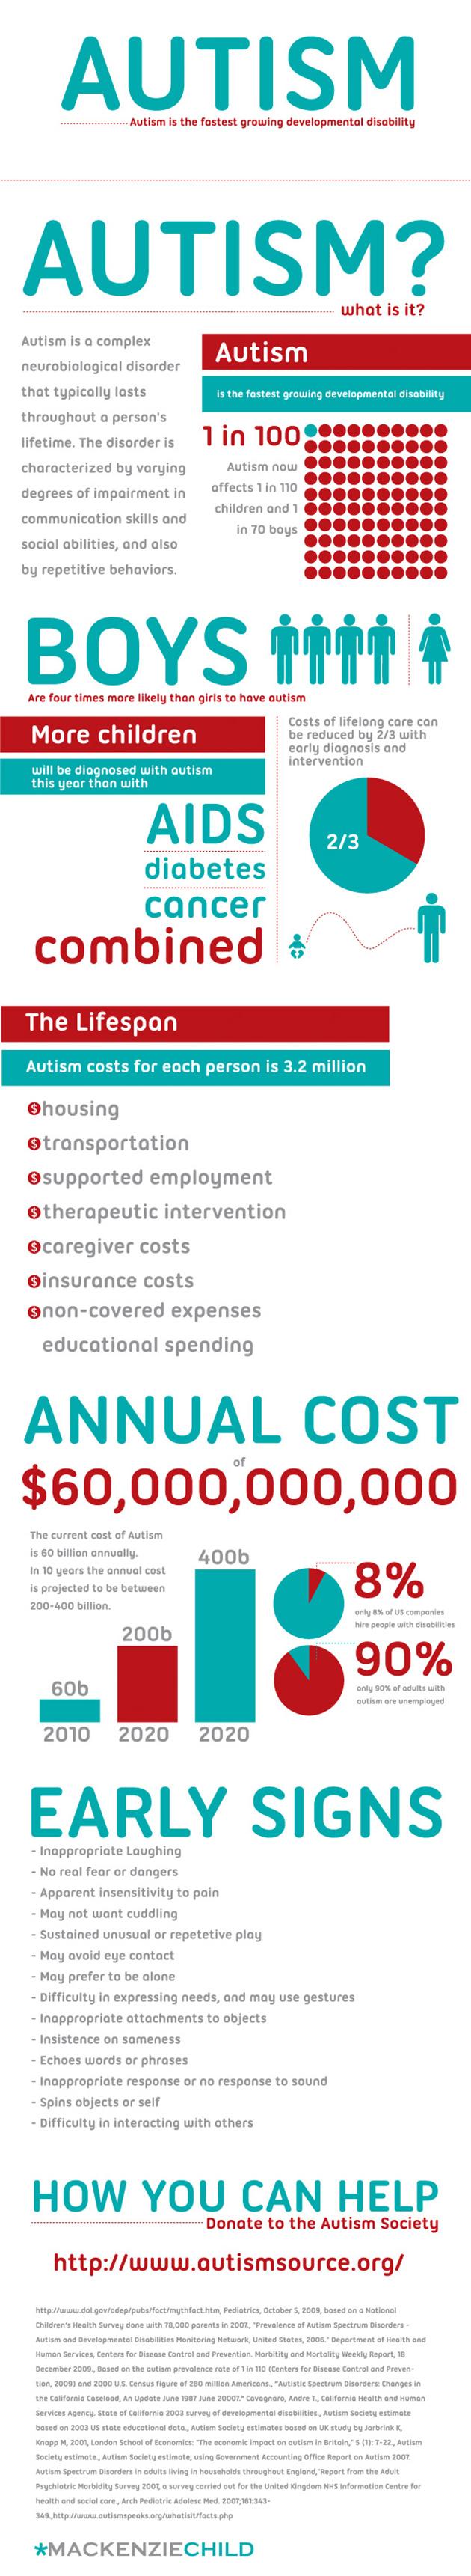 Autism statistics